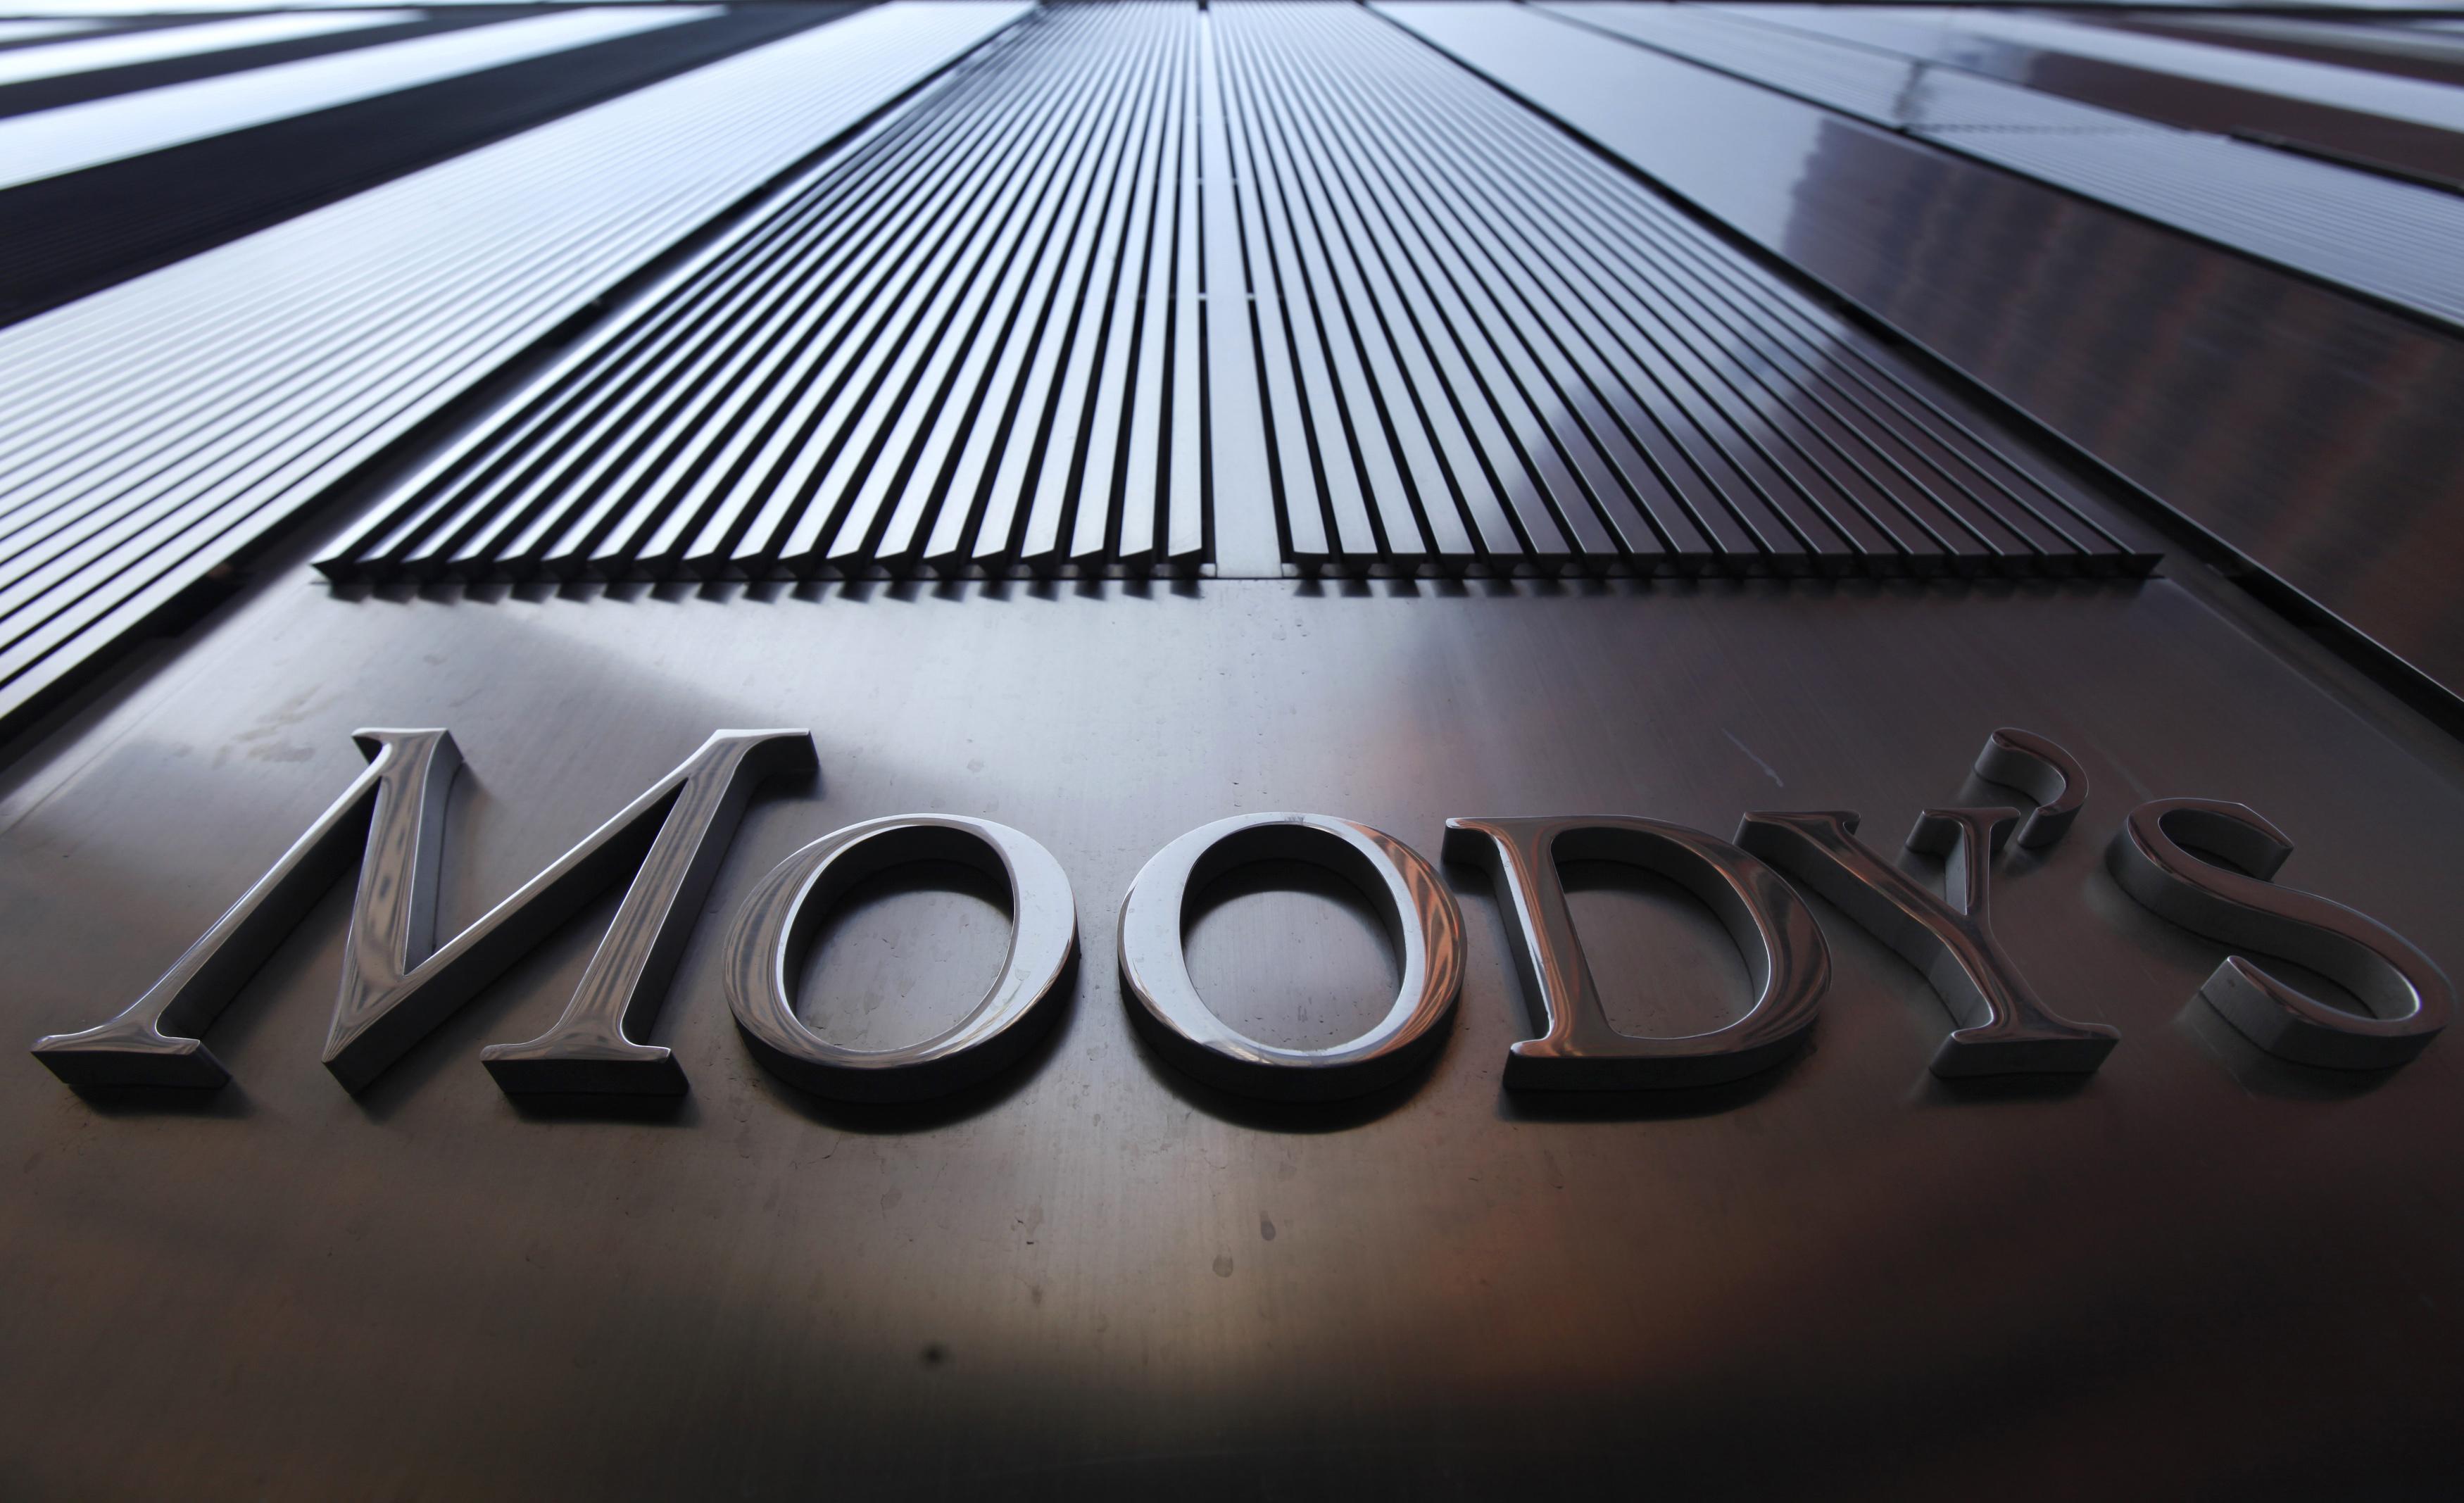 Moody's. Ադրբեջանում մոտ տարիներին տնտեսական աճ չի կանխատեսվում